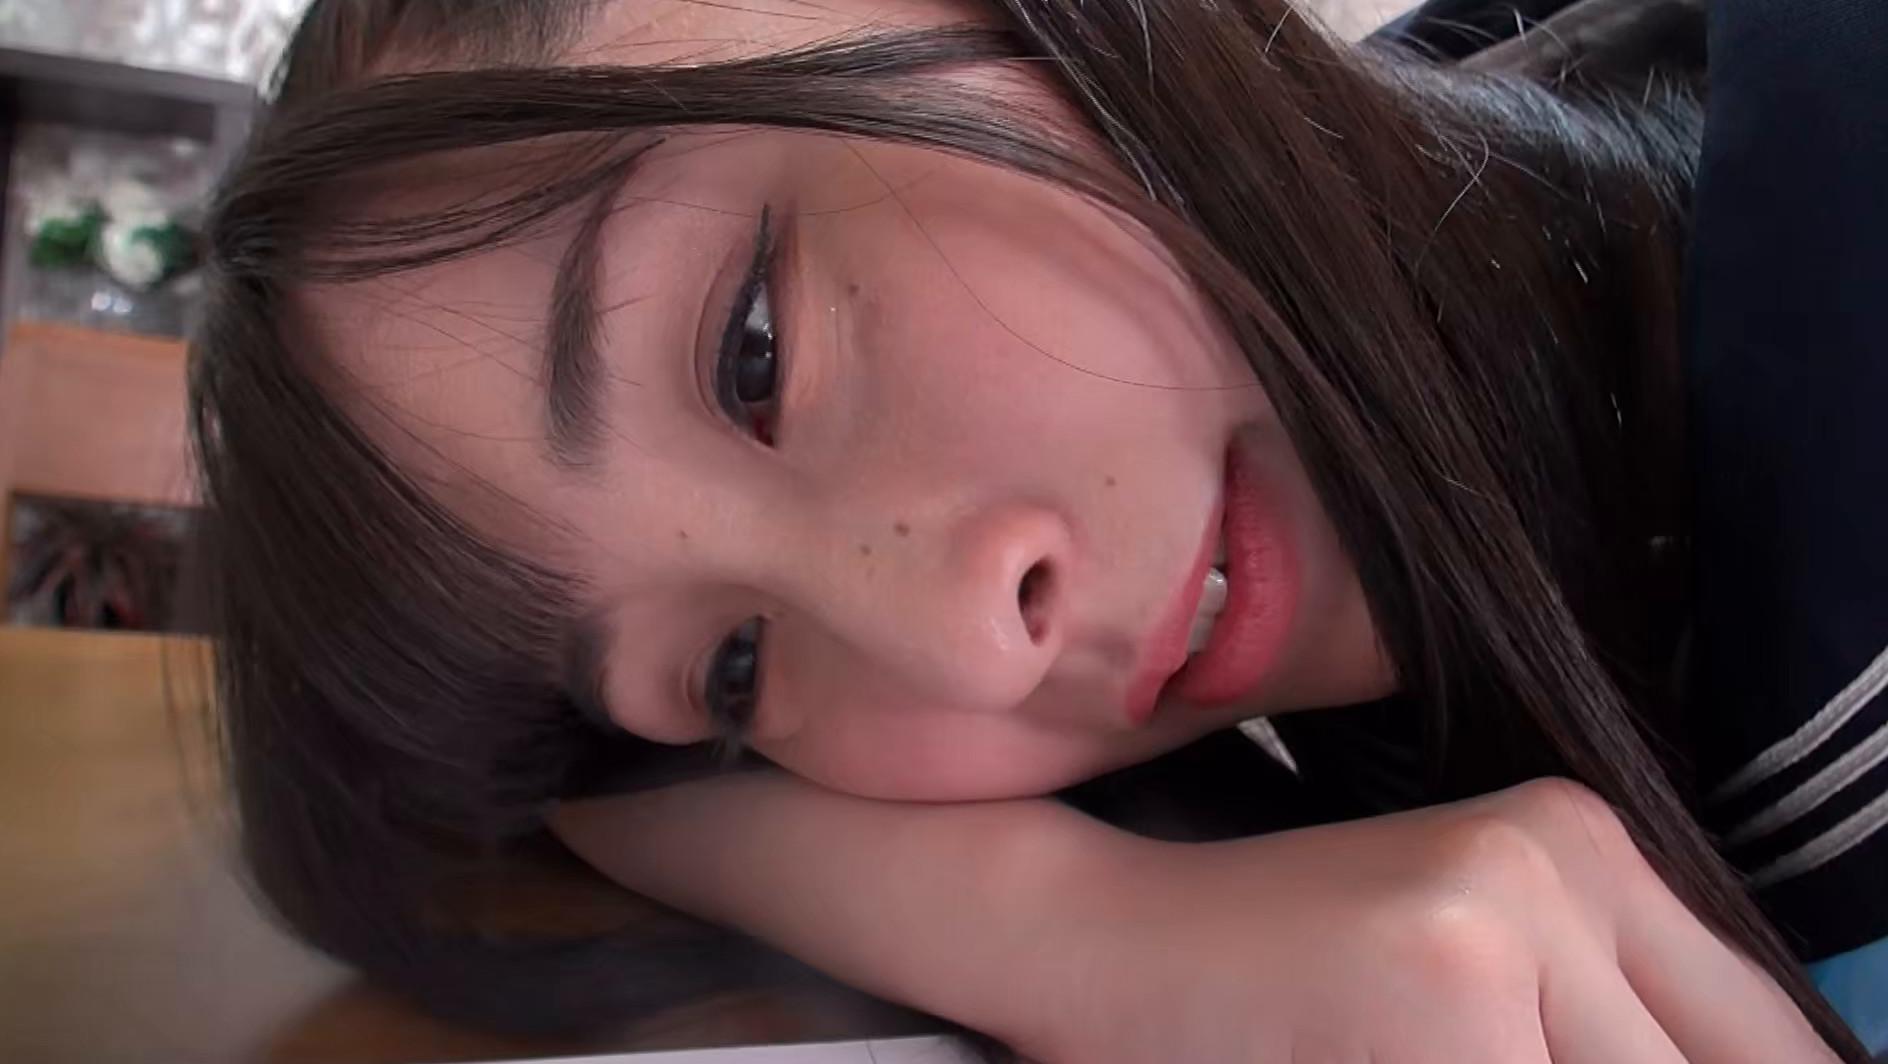 足を伸ばせば貴方もシンクロ!もう足ピーンしか愛せない! 成田つむぎ 画像3